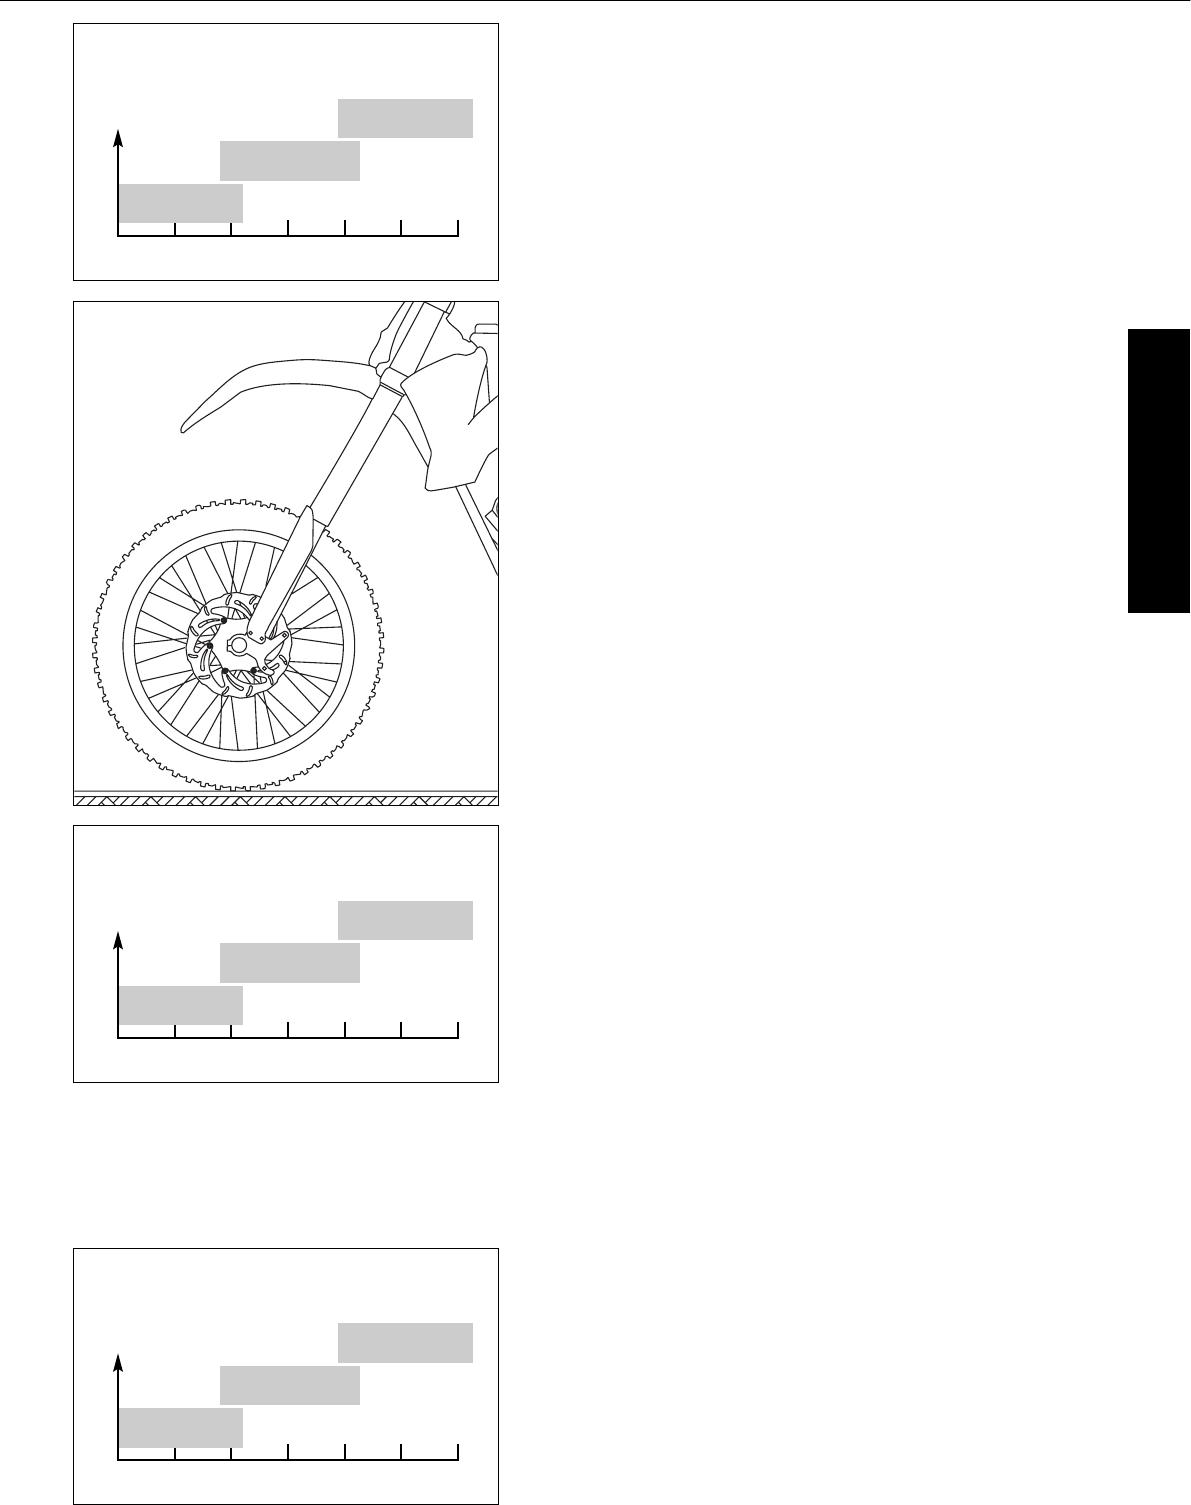 Clignotant paire arrière droit u gauche zzz z 0